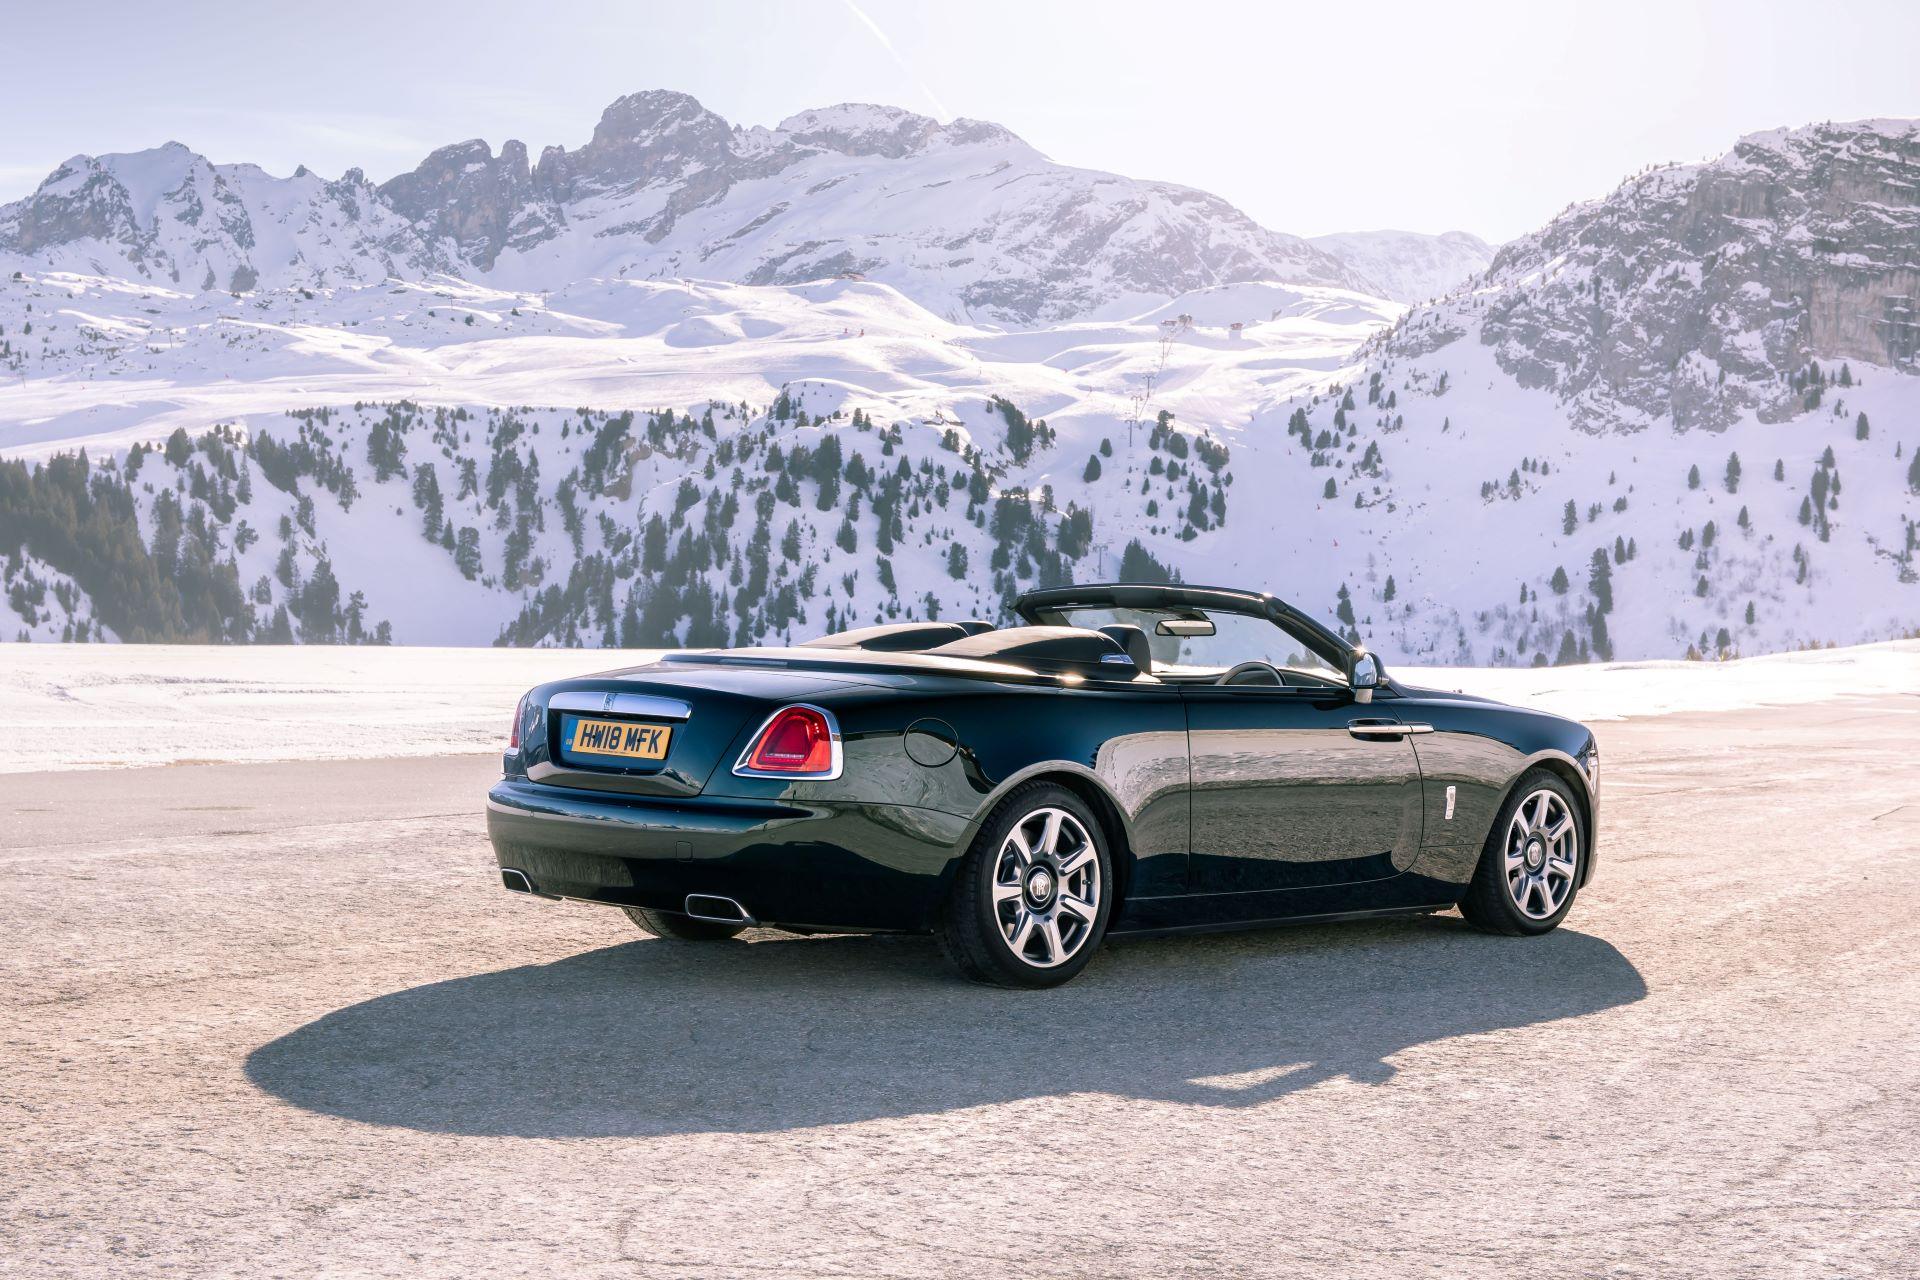 The new Rolls Royce Dawn Aero Cowling 4